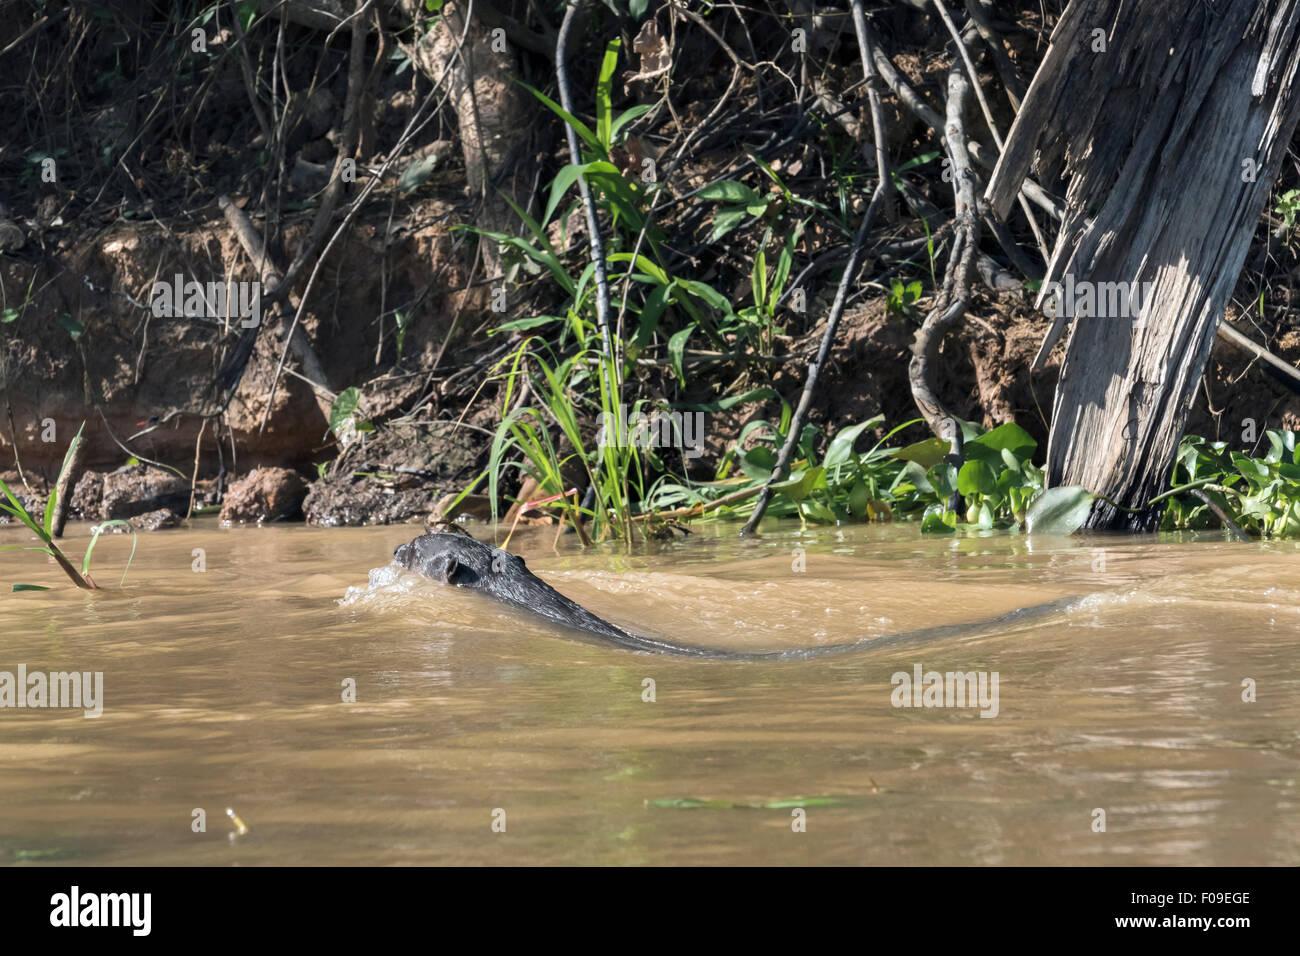 La loutre géante rapide piscine près de plein régime, Rio Cuiaba, Pantanal, Brésil Banque D'Images